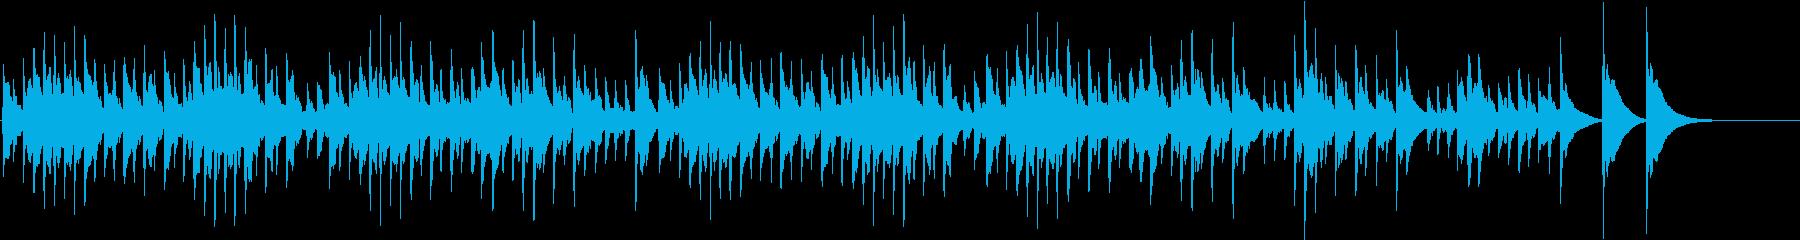 愛の挨拶 オルゴールの再生済みの波形